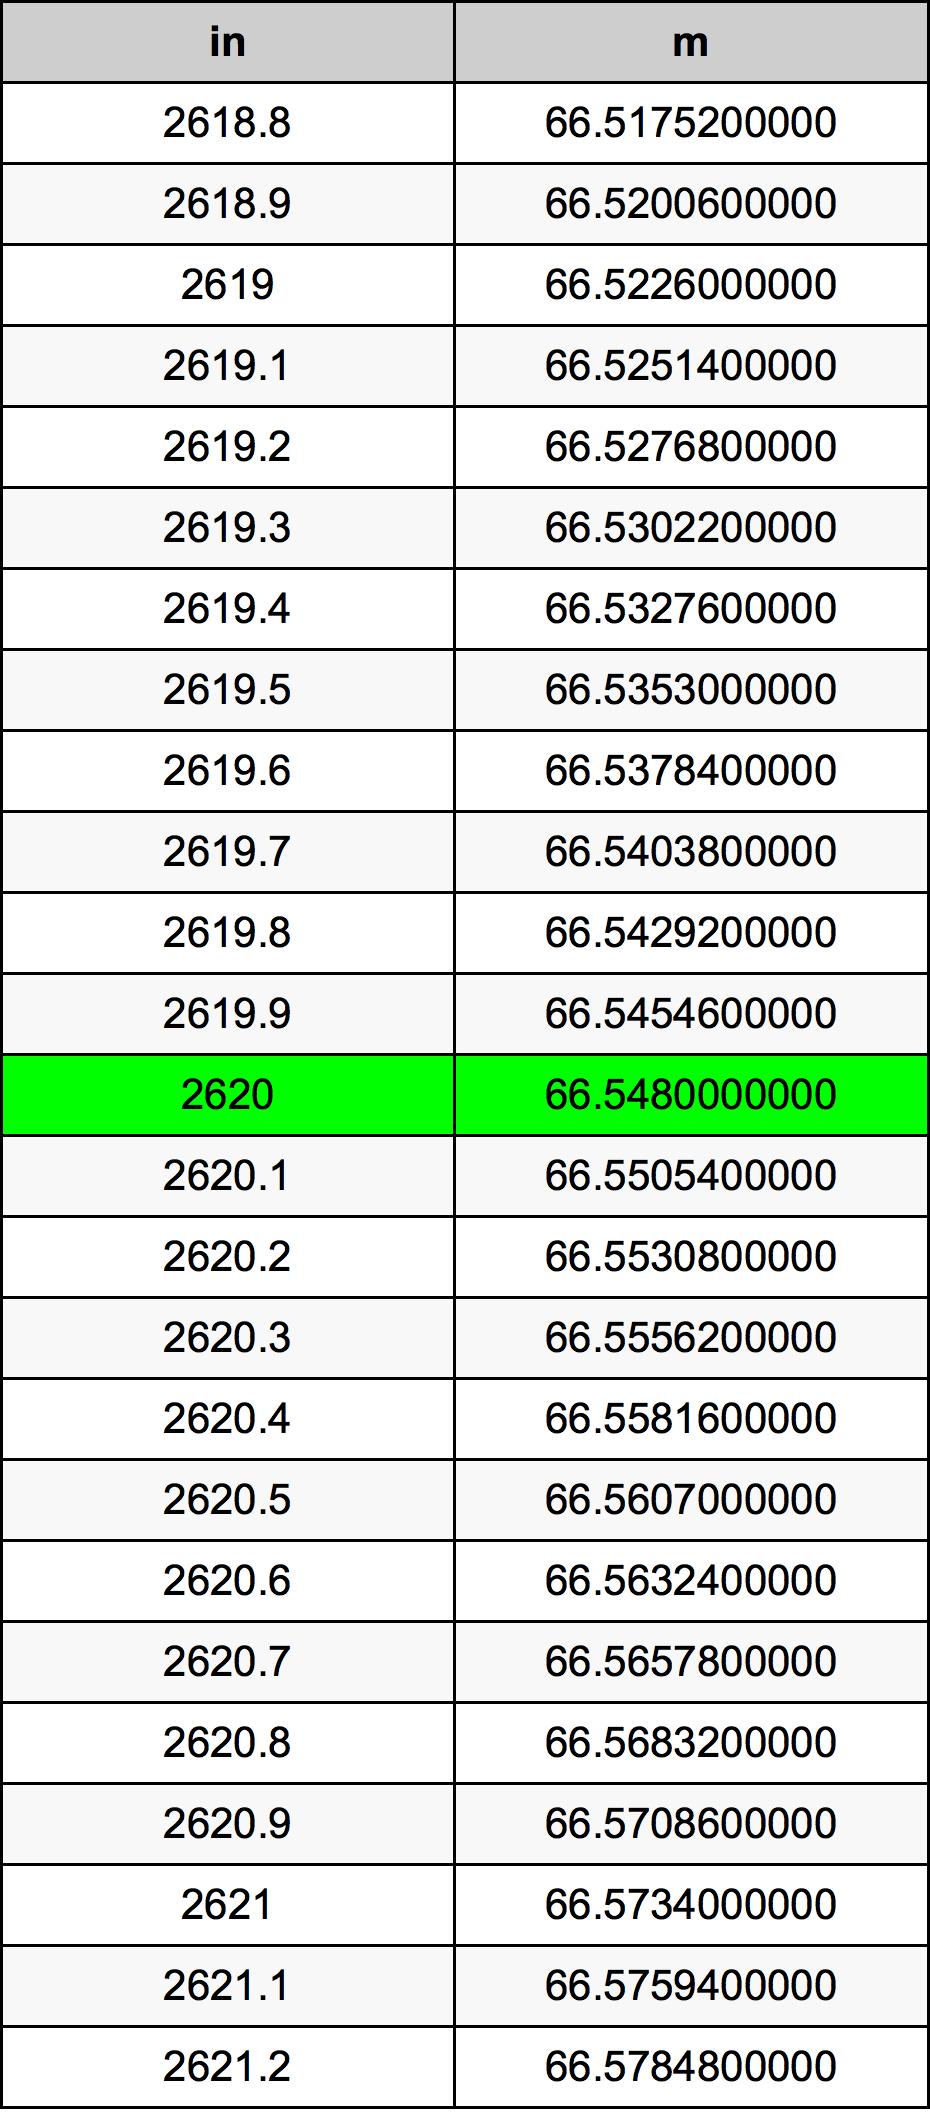 2620 Tomme konverteringstabellen